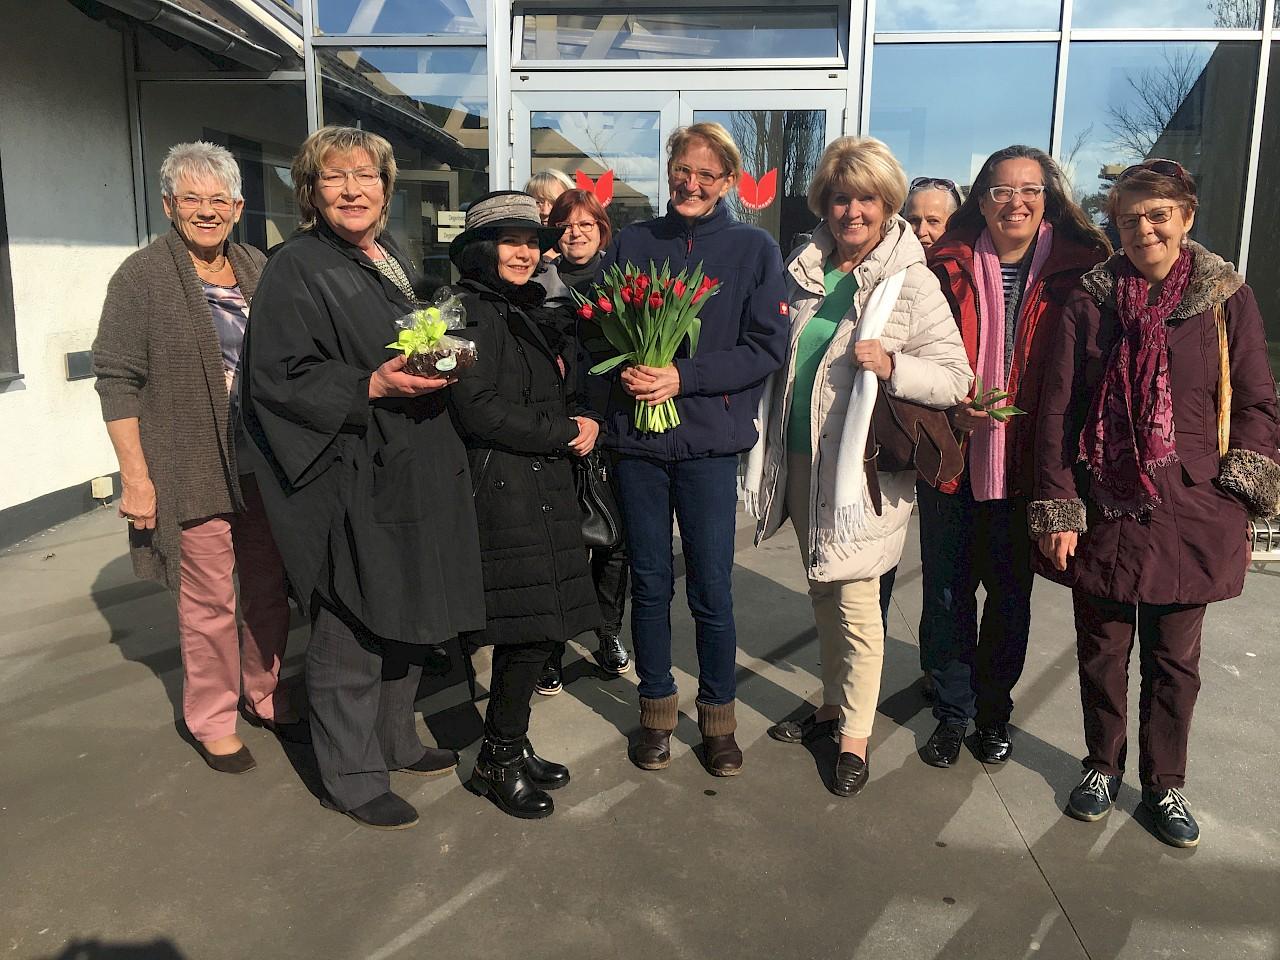 Geschäftsführerin Susanne Degenhardt und Vorsitzende Martina Meeuvissen mit Gästen der Neusser Frauenunion beim Unternehmensbesuch anlässlich des Internationalen Frauentags